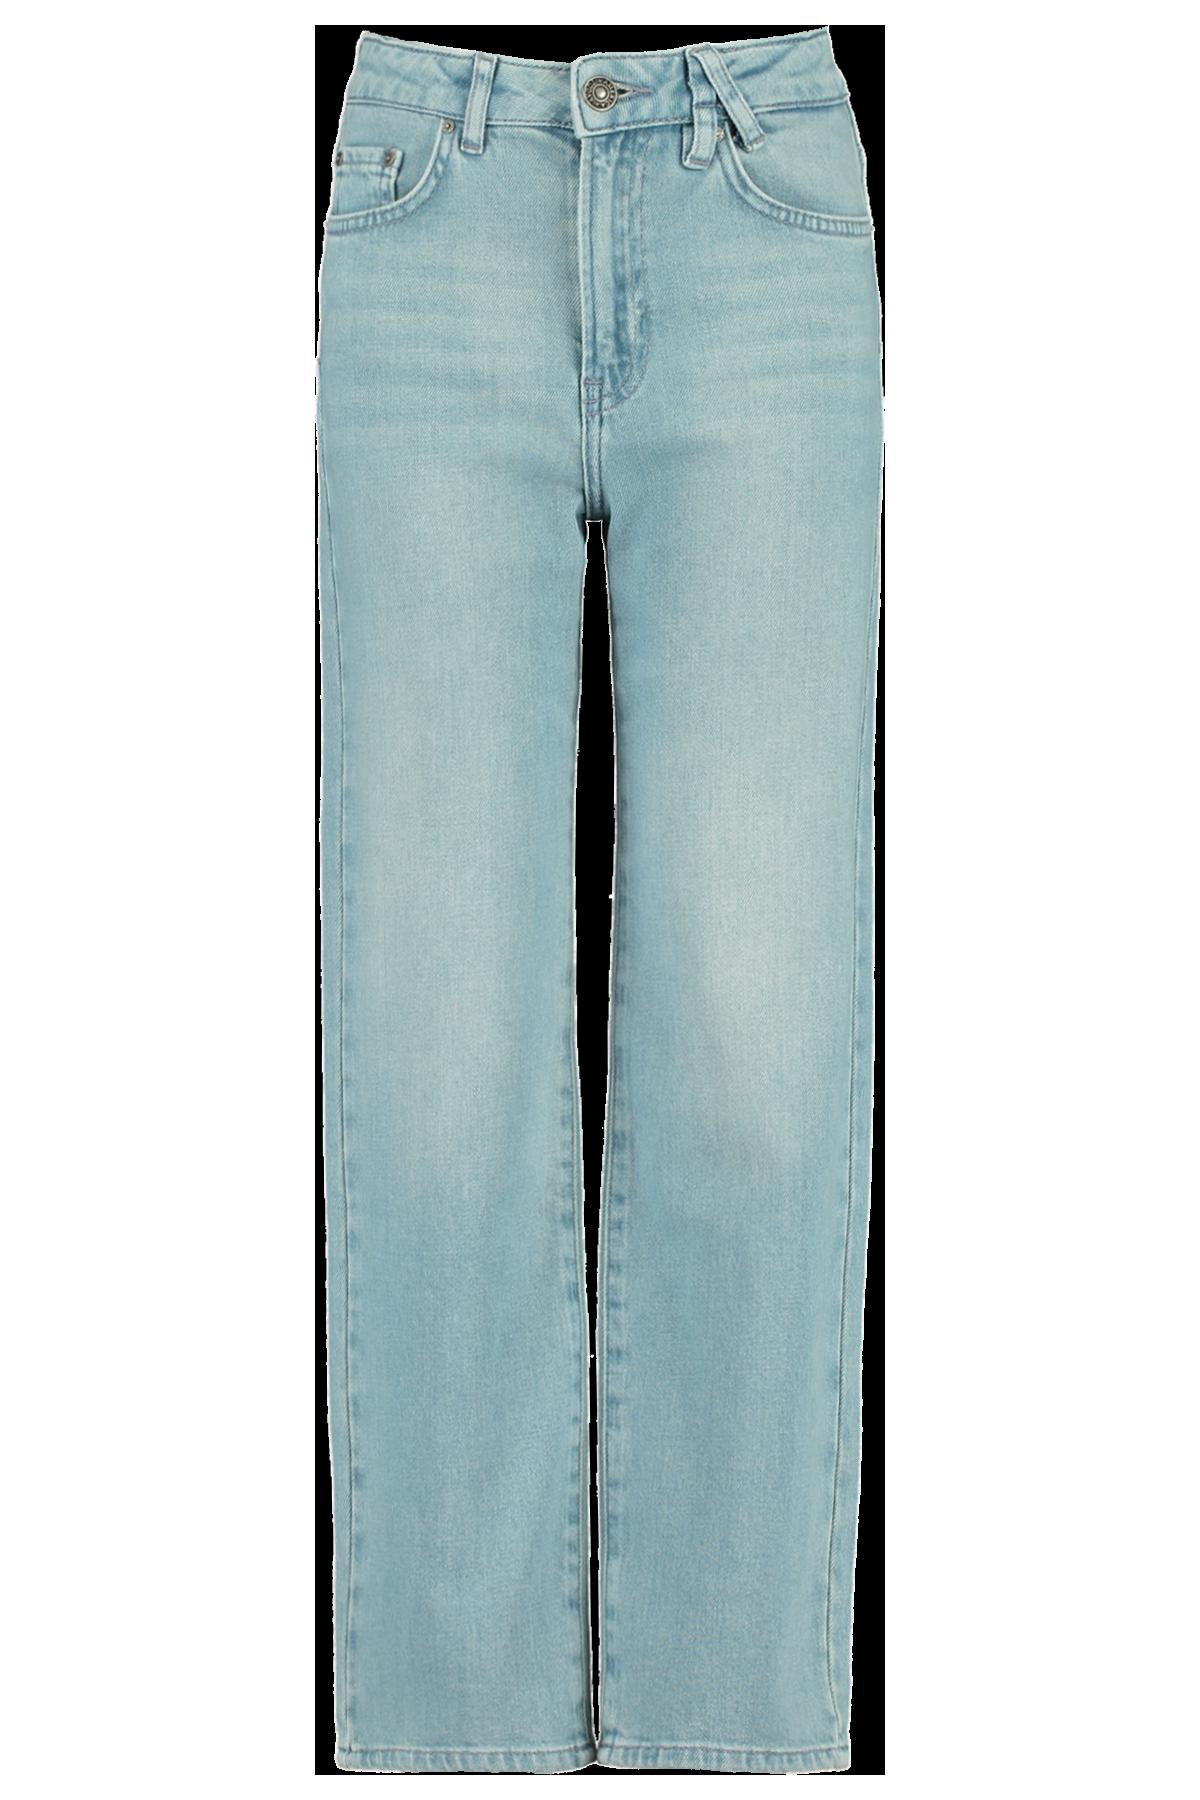 Jeans Kathy Jr.